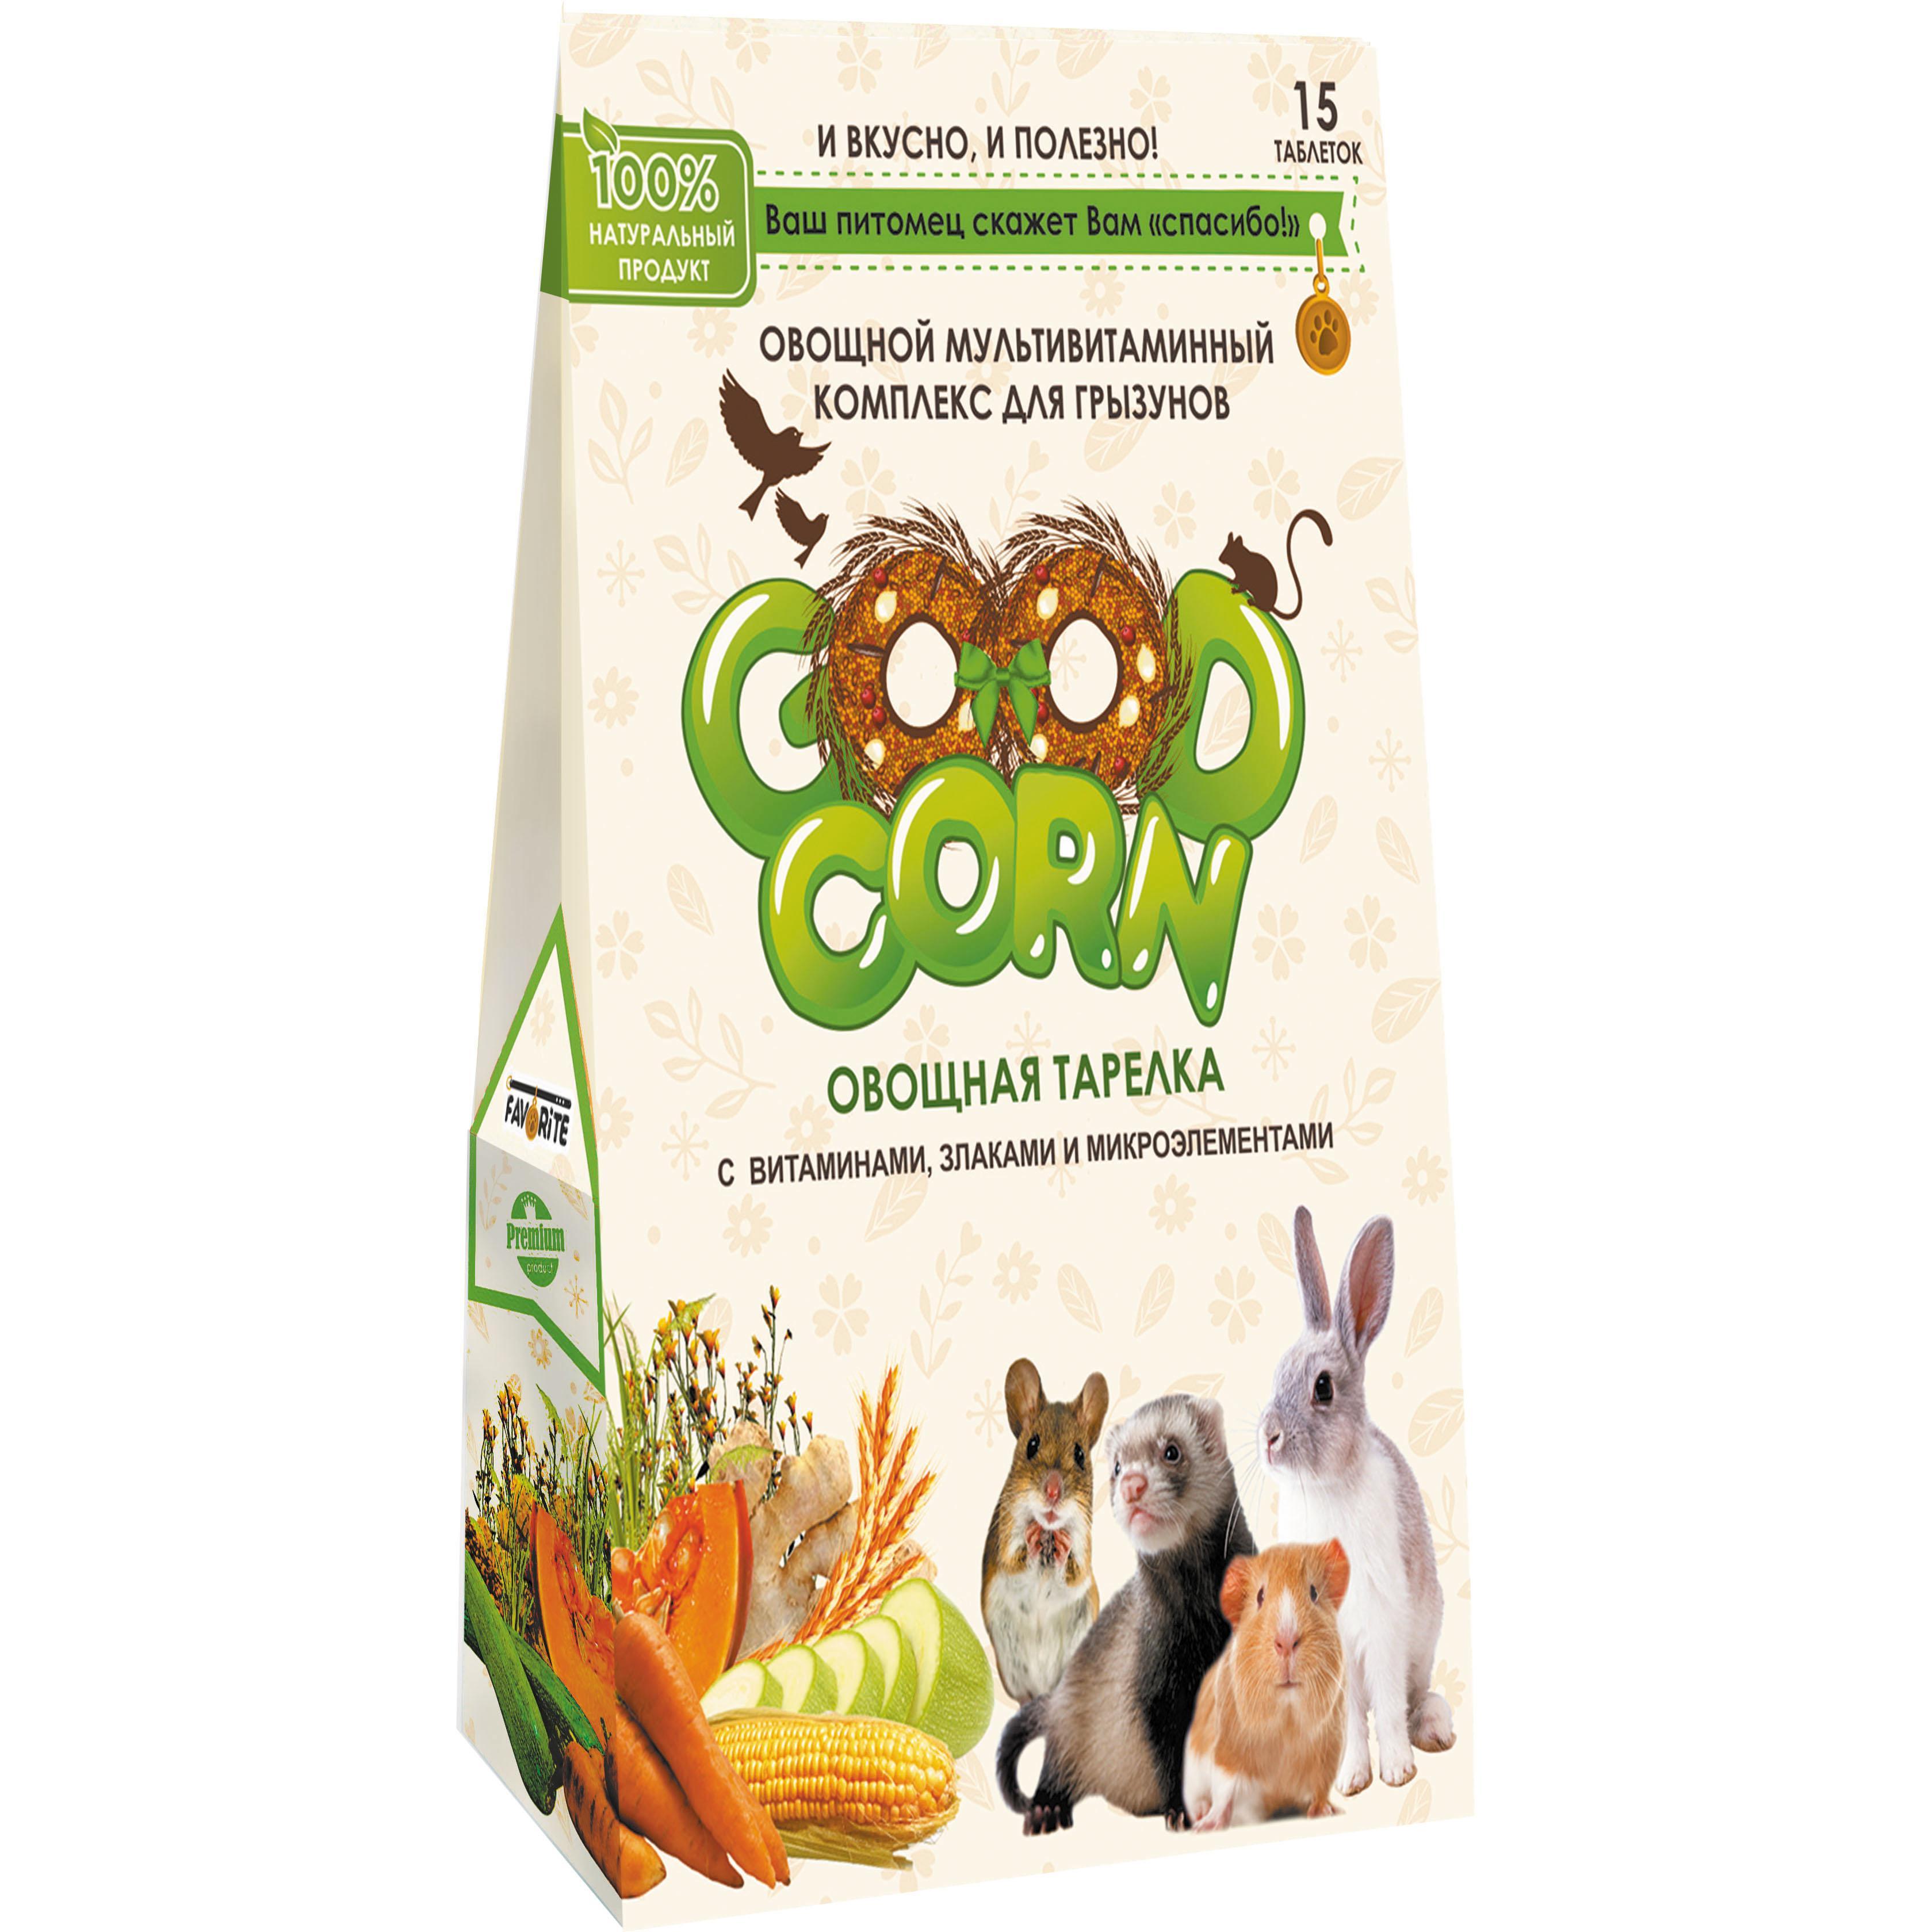 Витаминный комплекс для грызунов GOOD CORN,